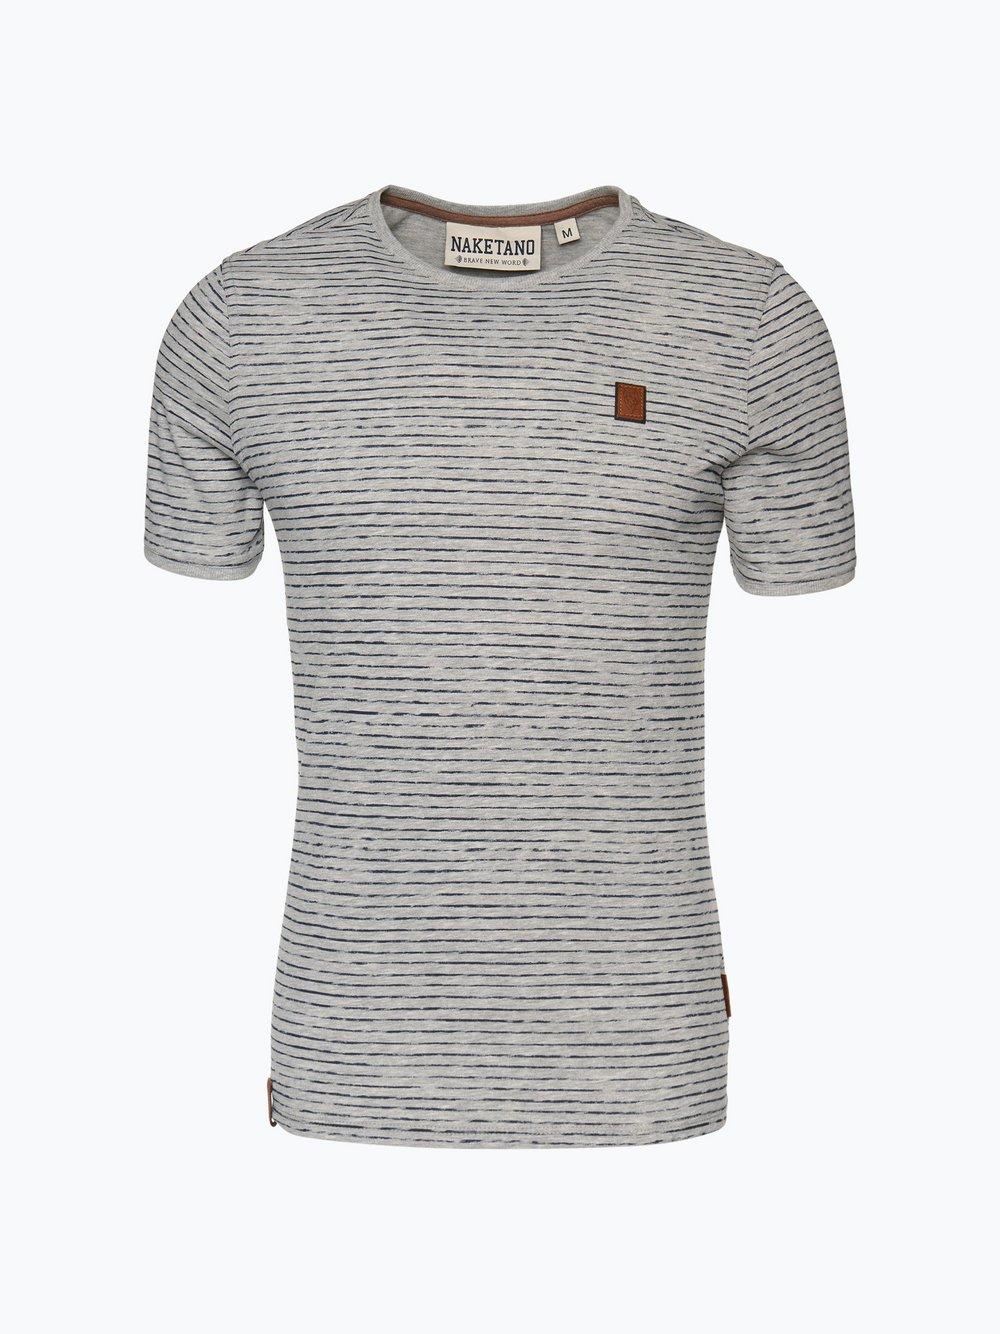 Naketano Herren T Shirt online kaufen | VANGRAAF.COM